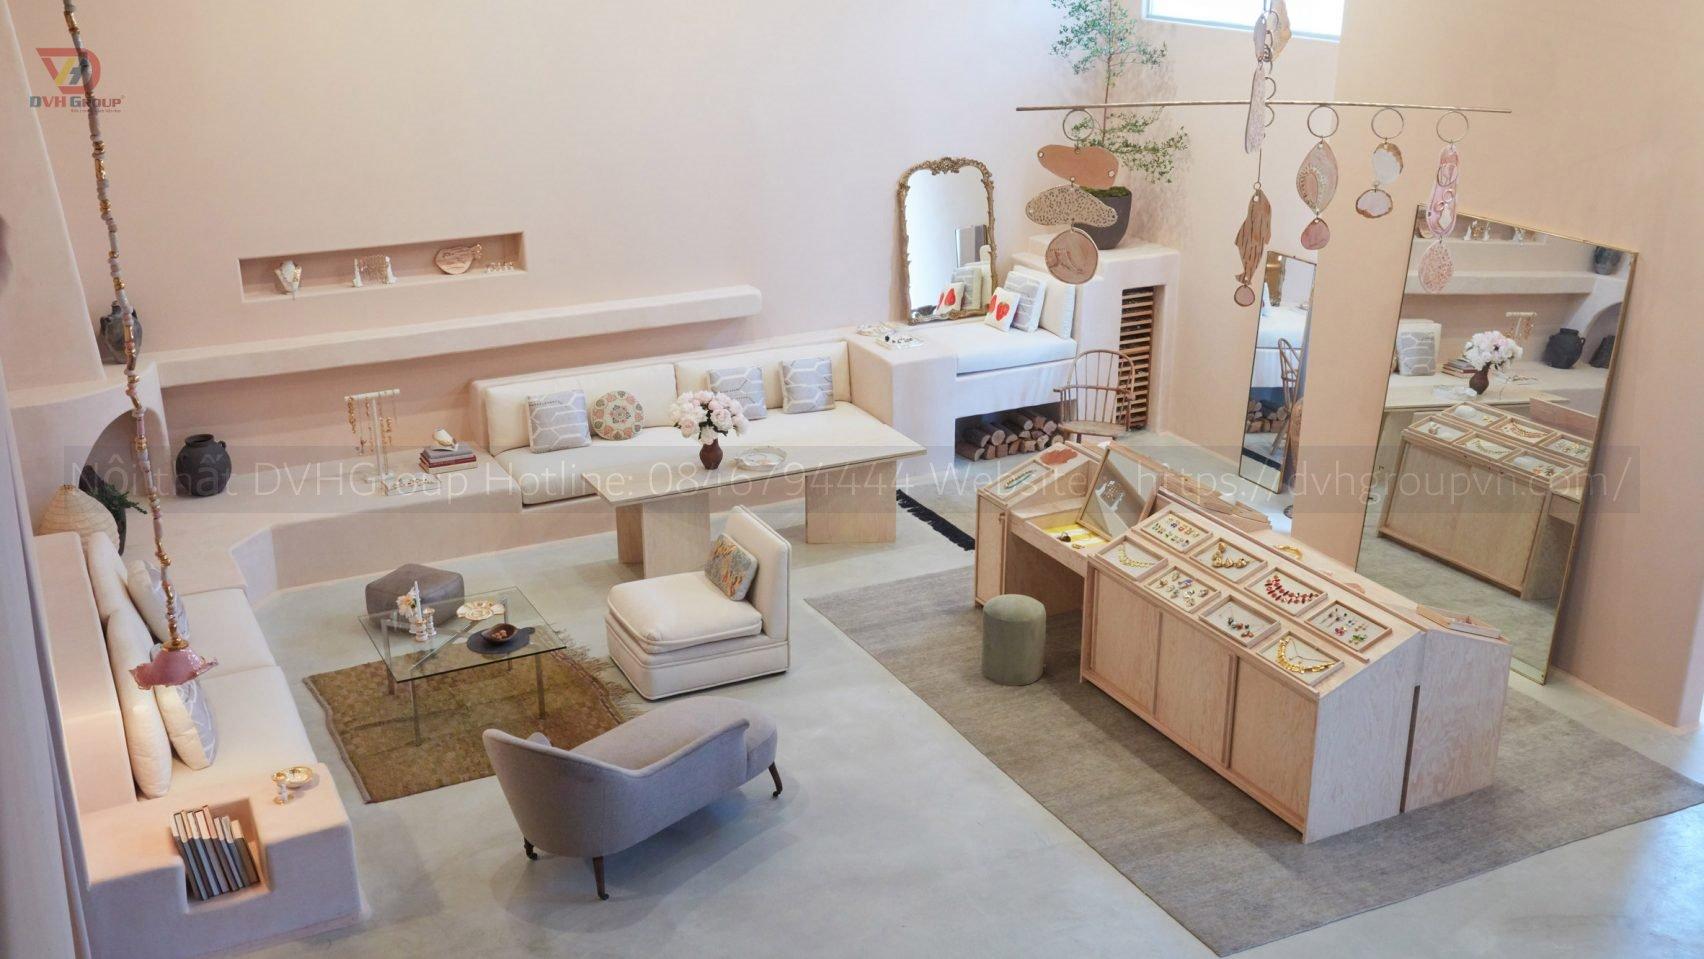 Thiết kế nội thất showroom cửa hàng trang sức - Nội thất DVHGroup